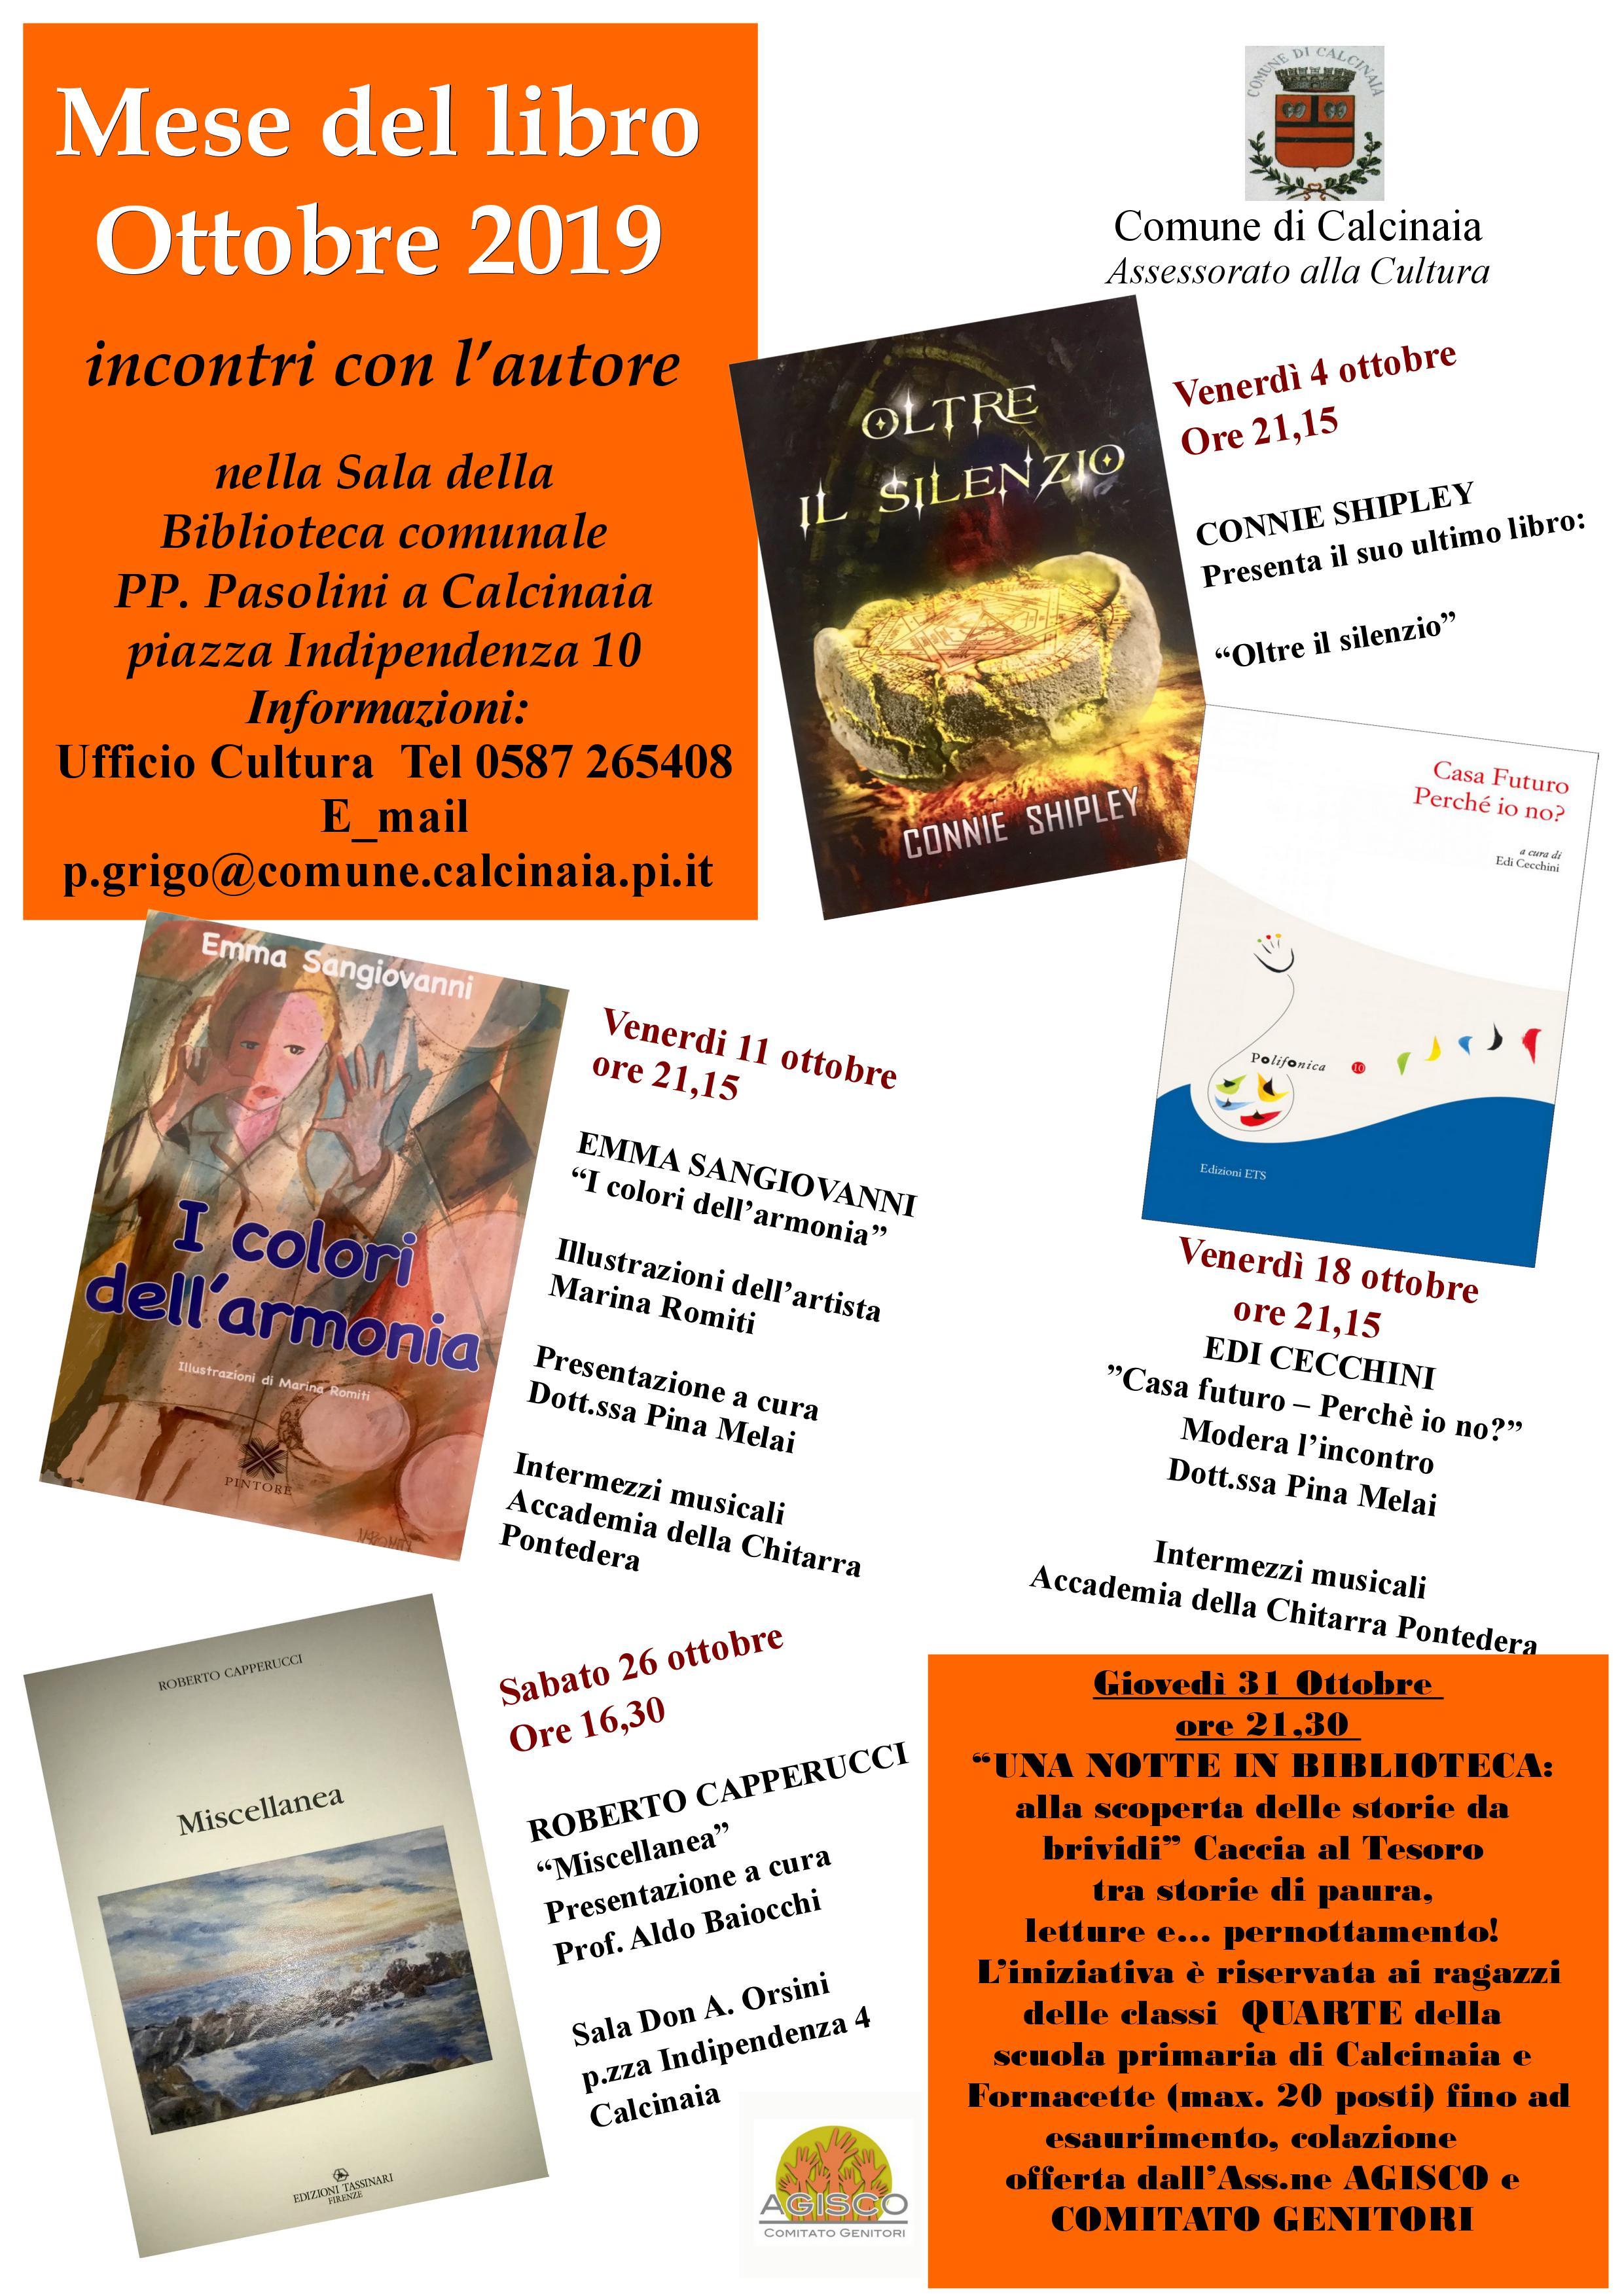 Ottobre, mese del libro | Calcinaia